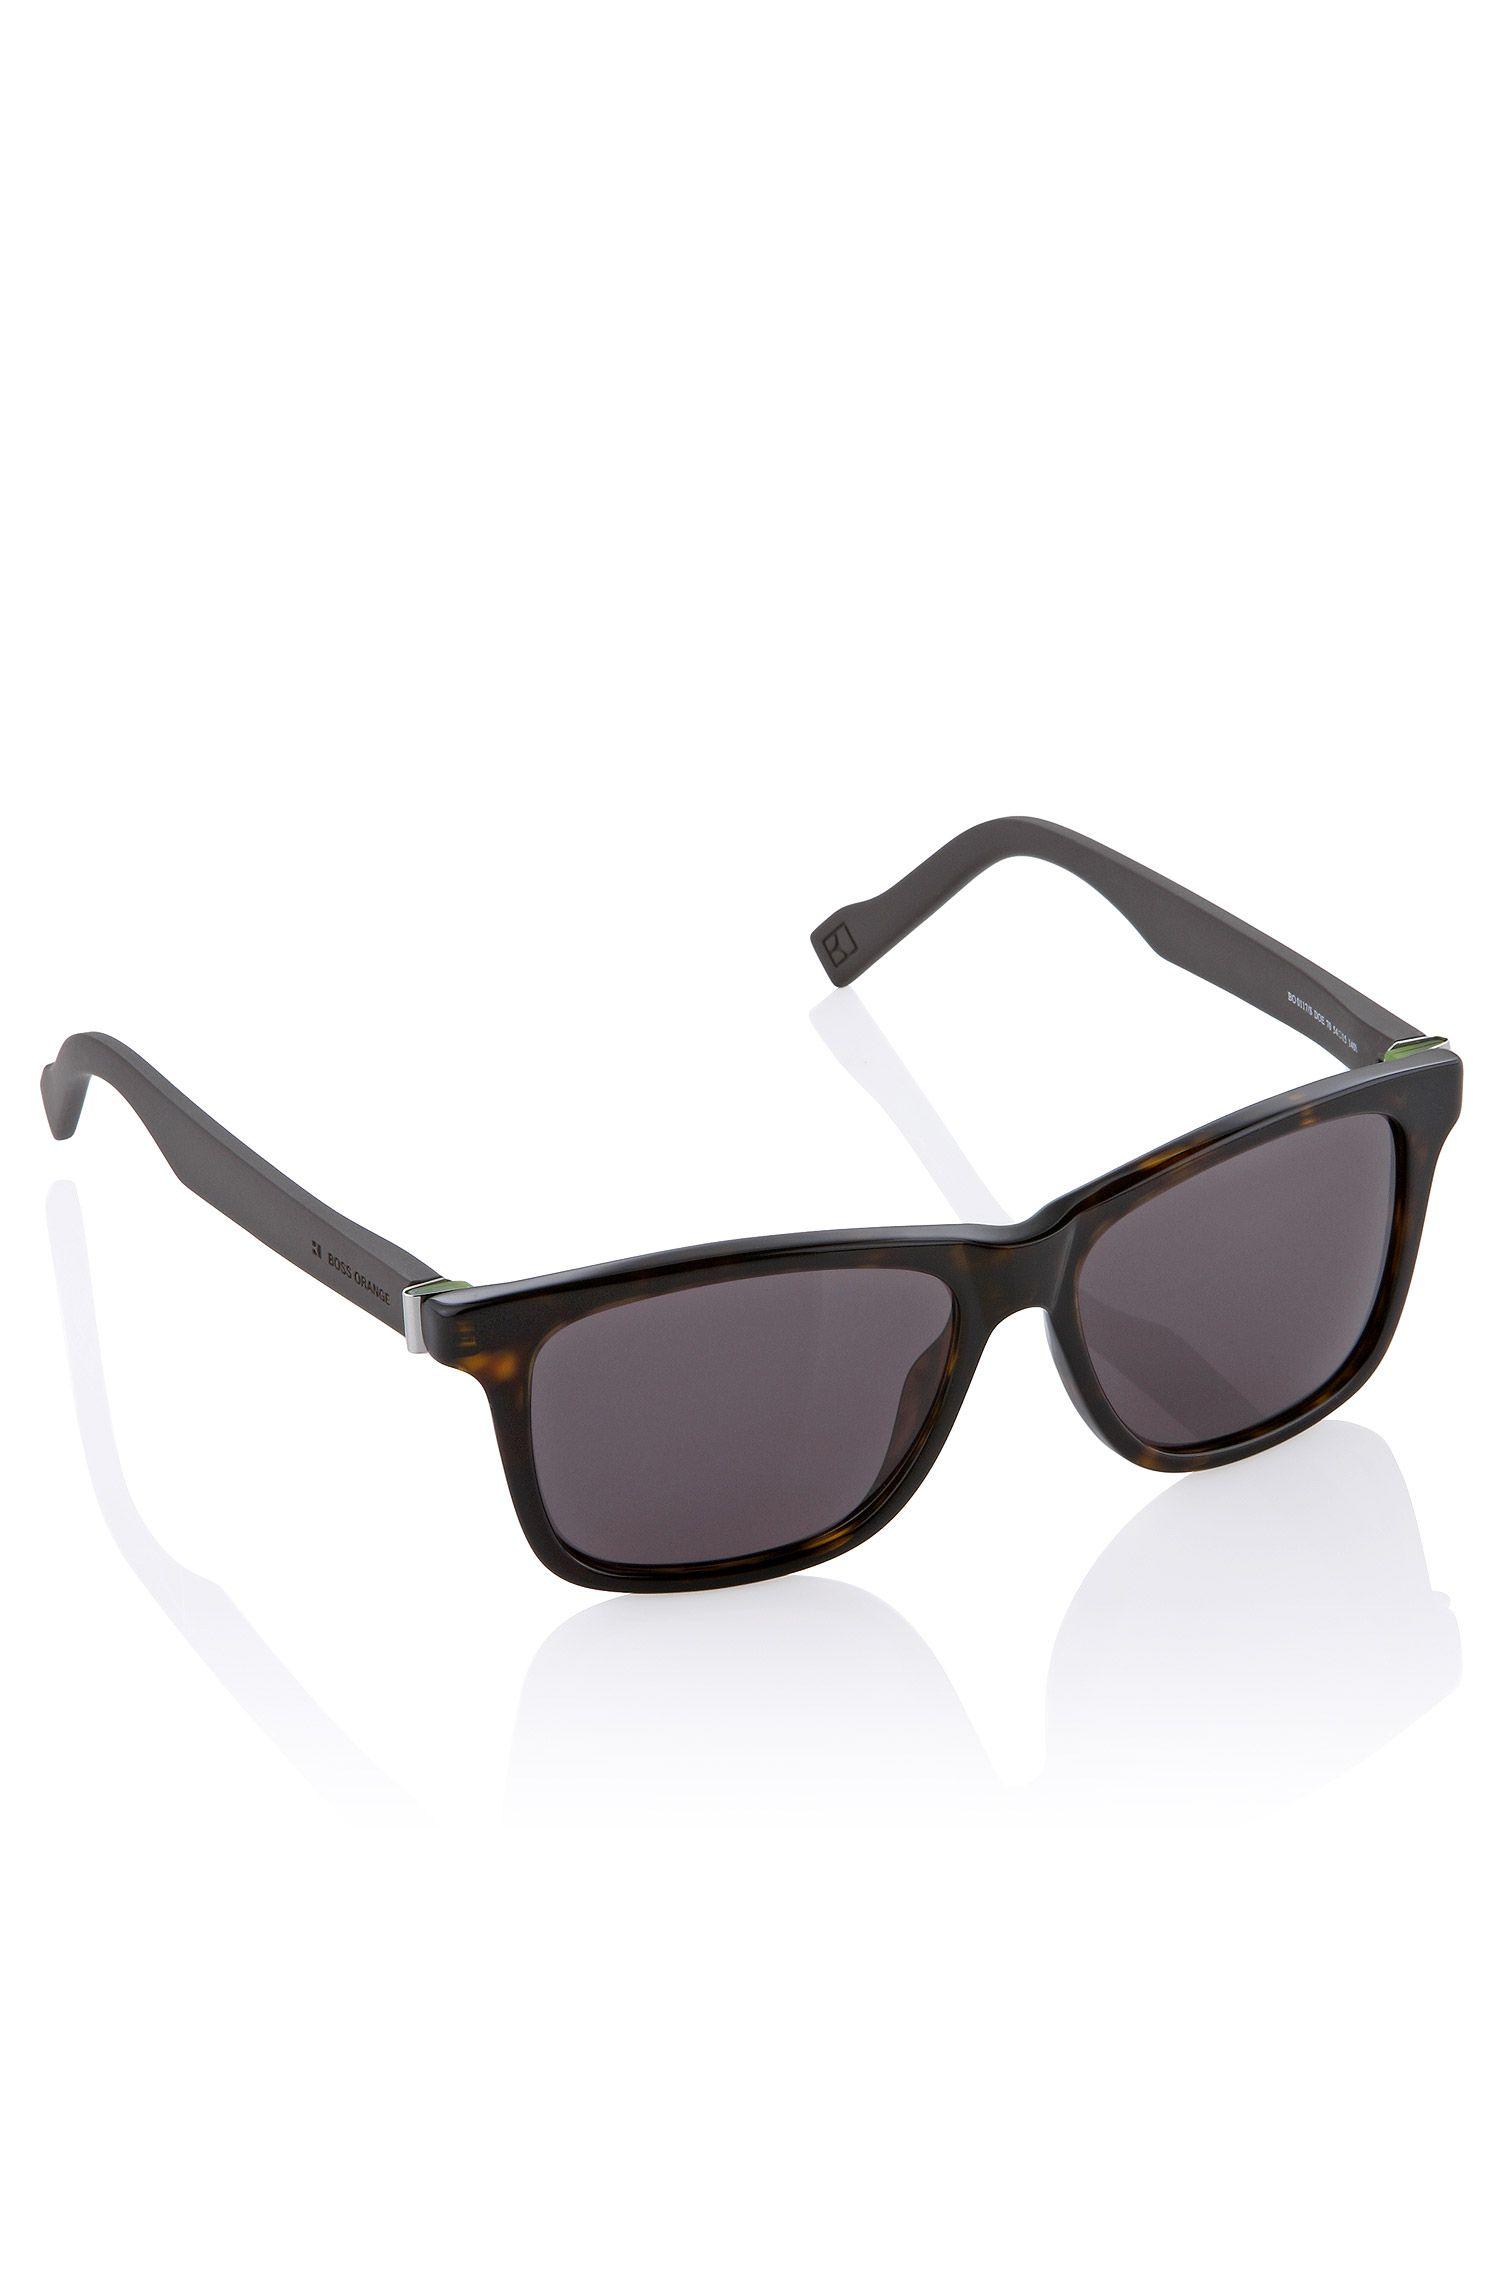 80s Sonnenbrille ´BO 0117/S` mit Farbverlauf